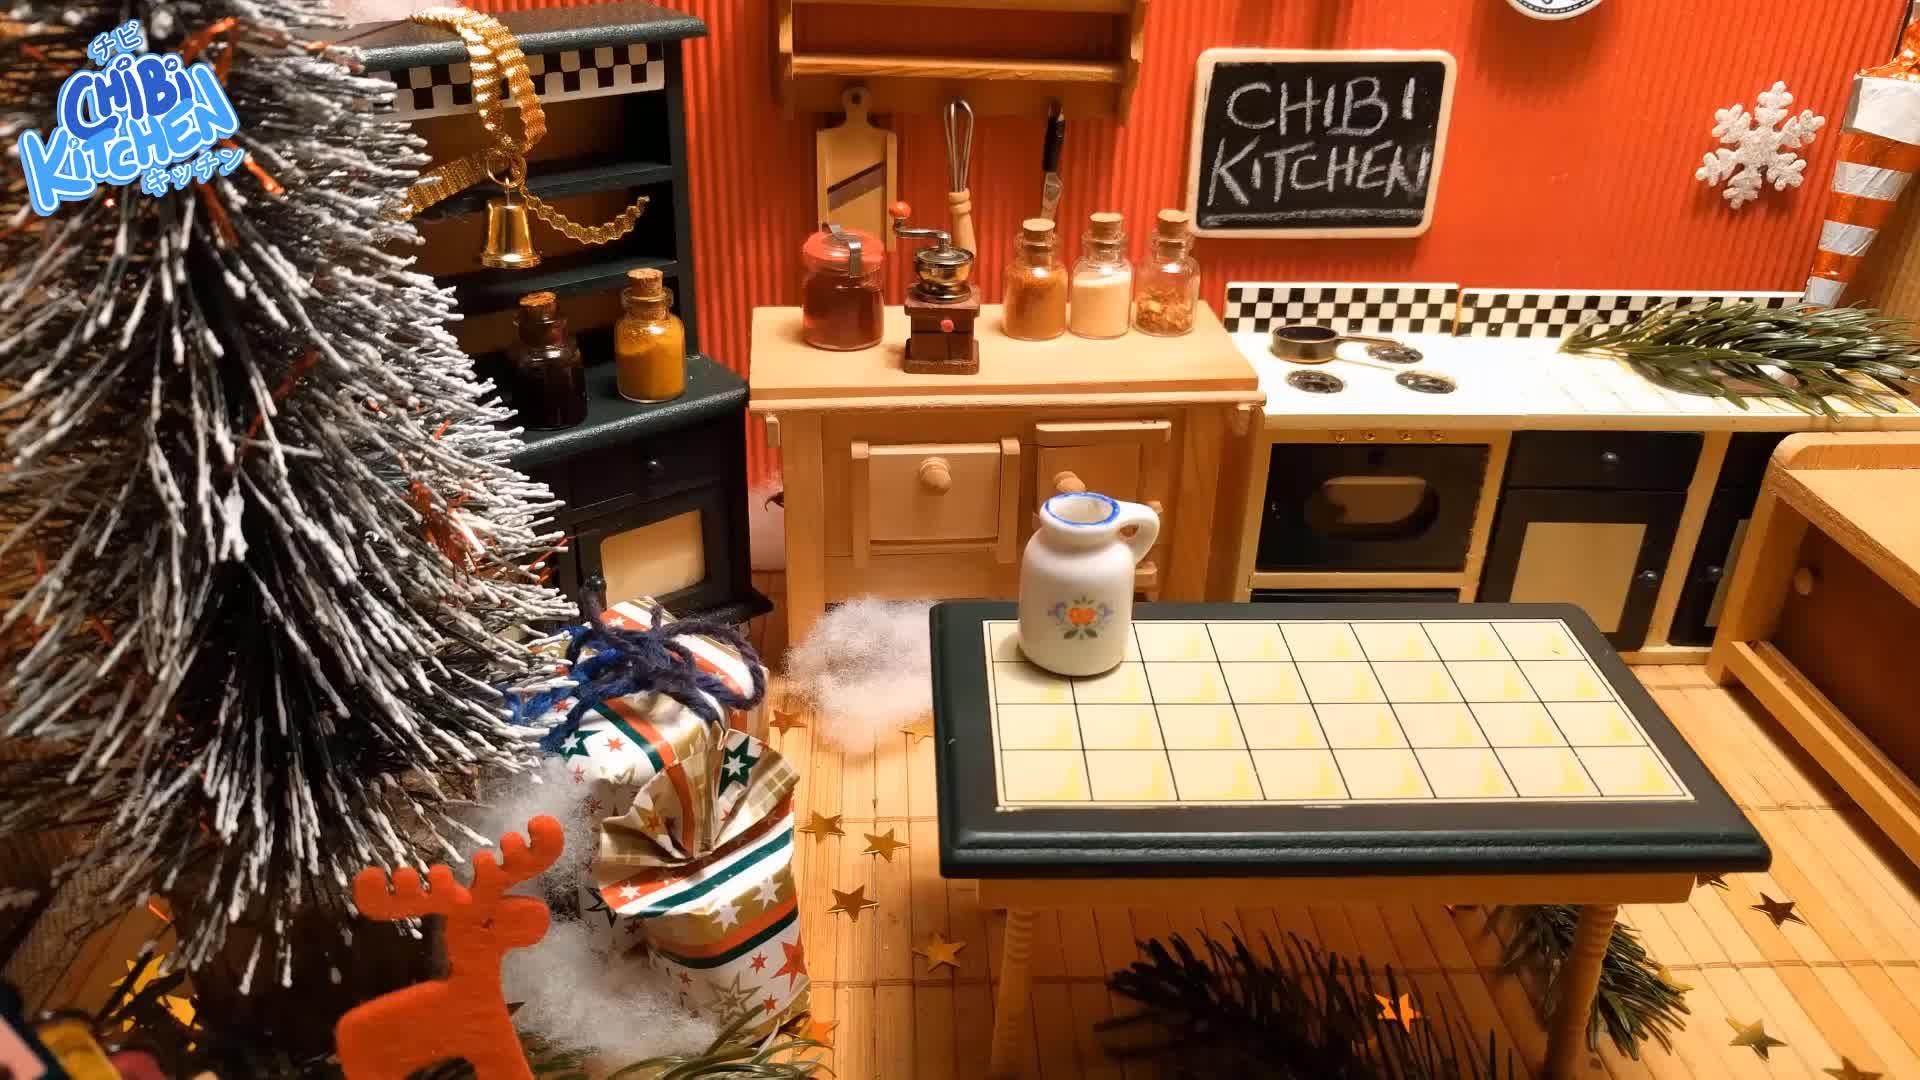 christmas, christmas cocktail, christmas recipe, cocktail, cooking, cute cooking, diy recipe, eggnog, food, food recipes, kawaii, mini cooking, real mini food, recipe, recipes, tiny cooking, Mini cooking: Eggnog Cocktail GIFs